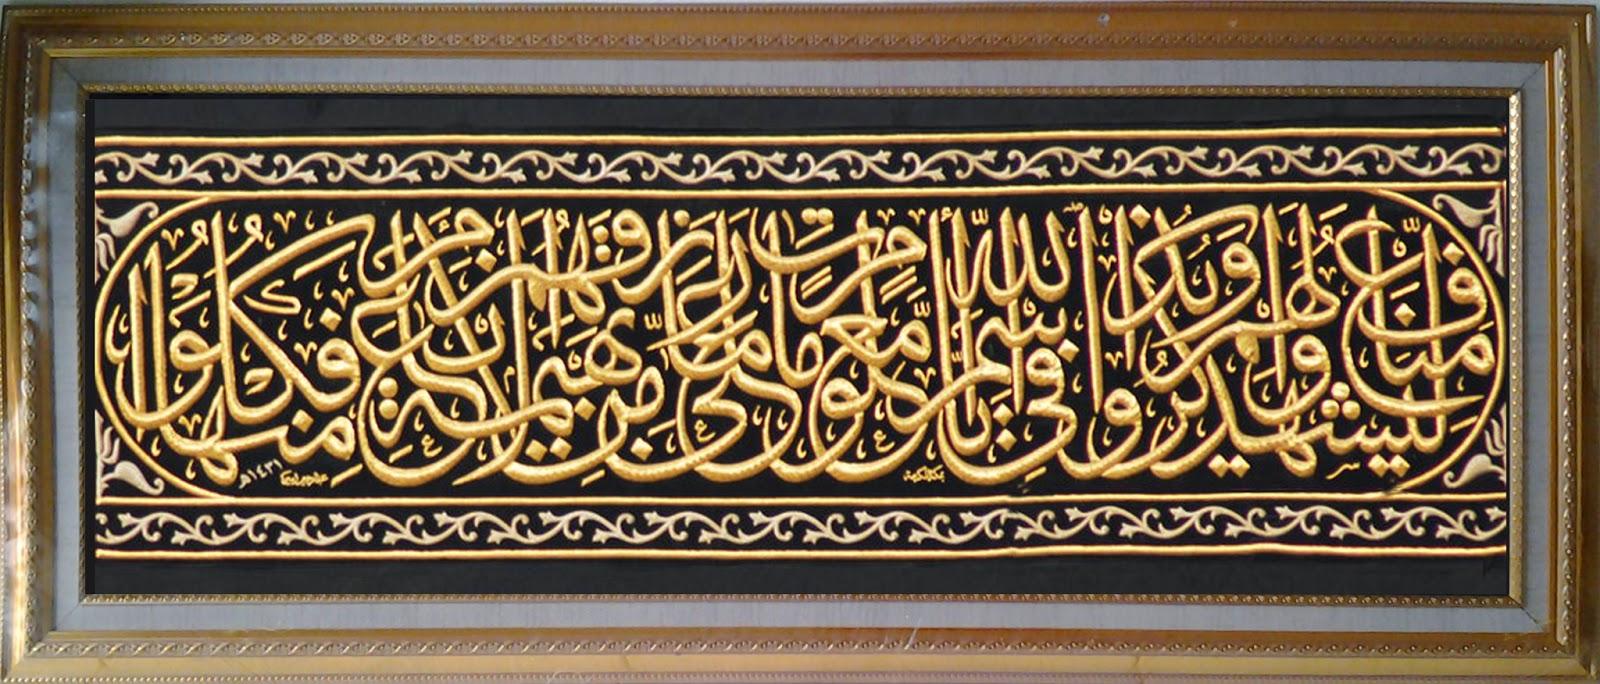 Kiswah Kabah Bahan Dan Alat Untuk Menulis Kaligrafi Arab